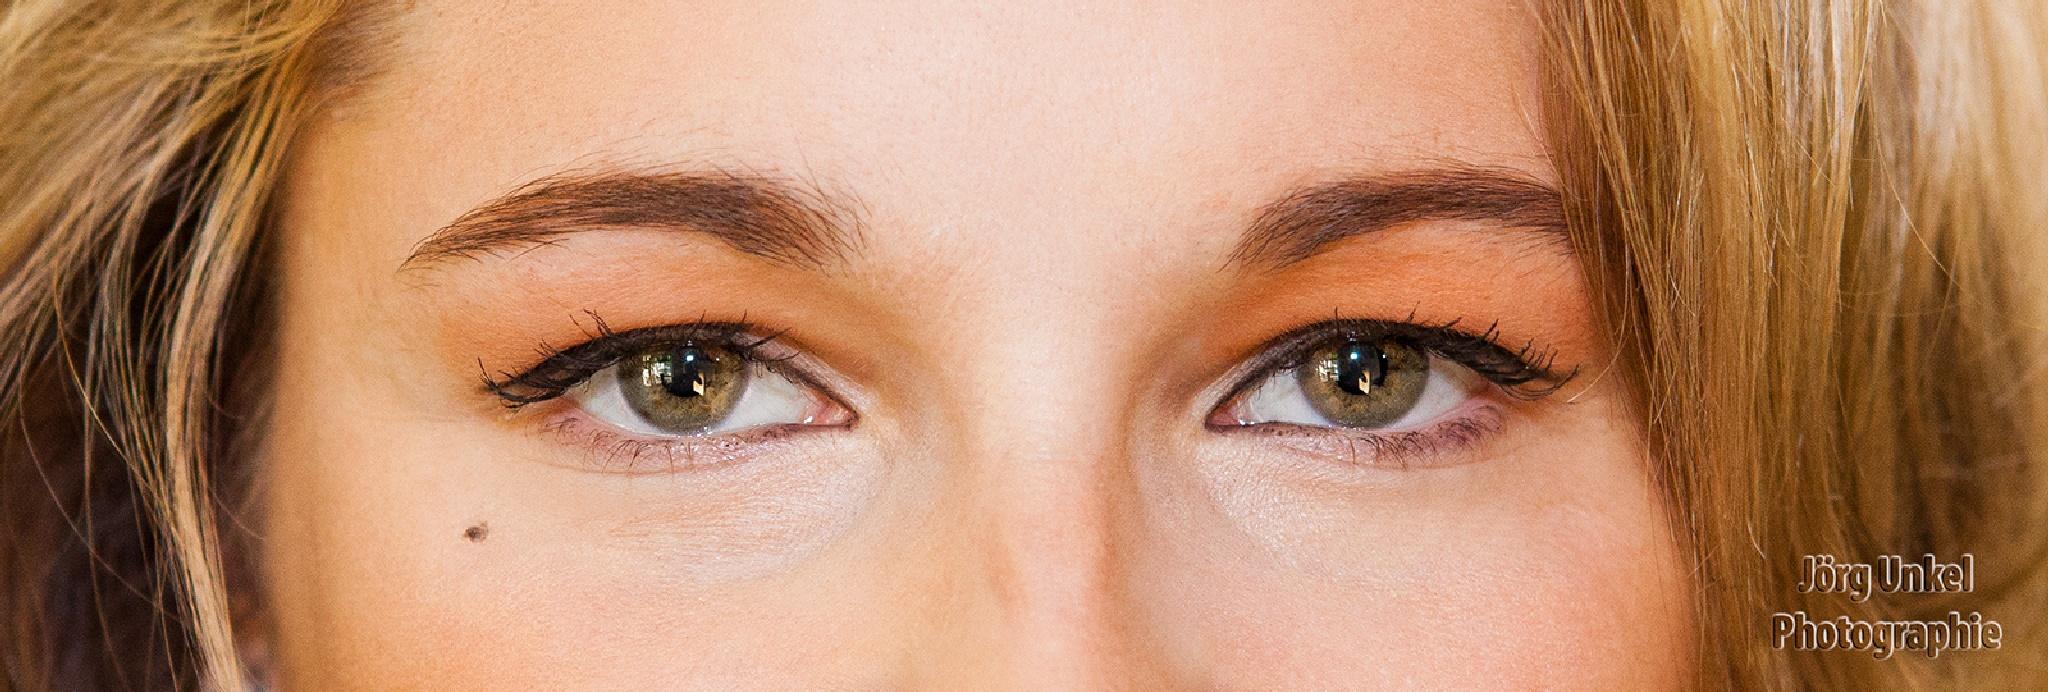 eyes by Hauptstadtpix